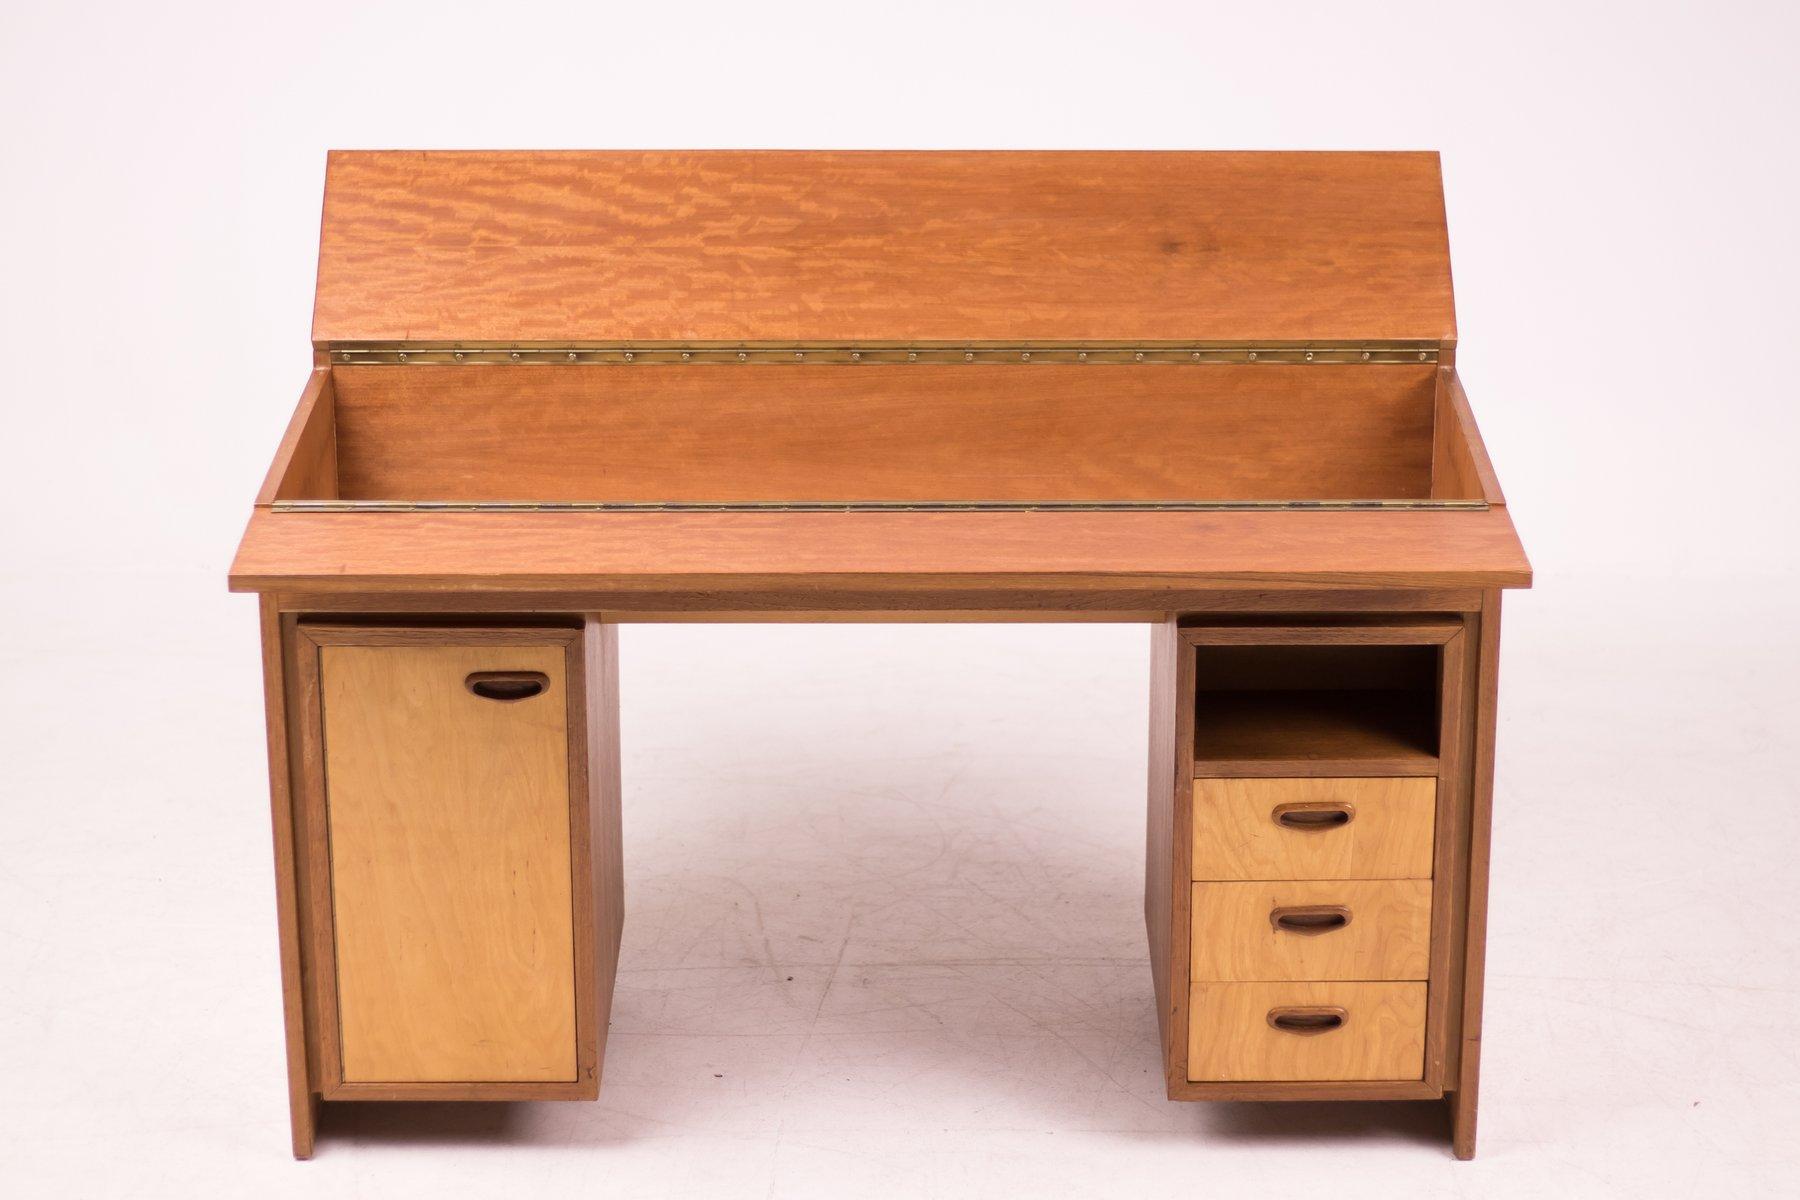 niederl ndischer mid century modern schreibtisch aus teak 1952 bei pamono kaufen. Black Bedroom Furniture Sets. Home Design Ideas